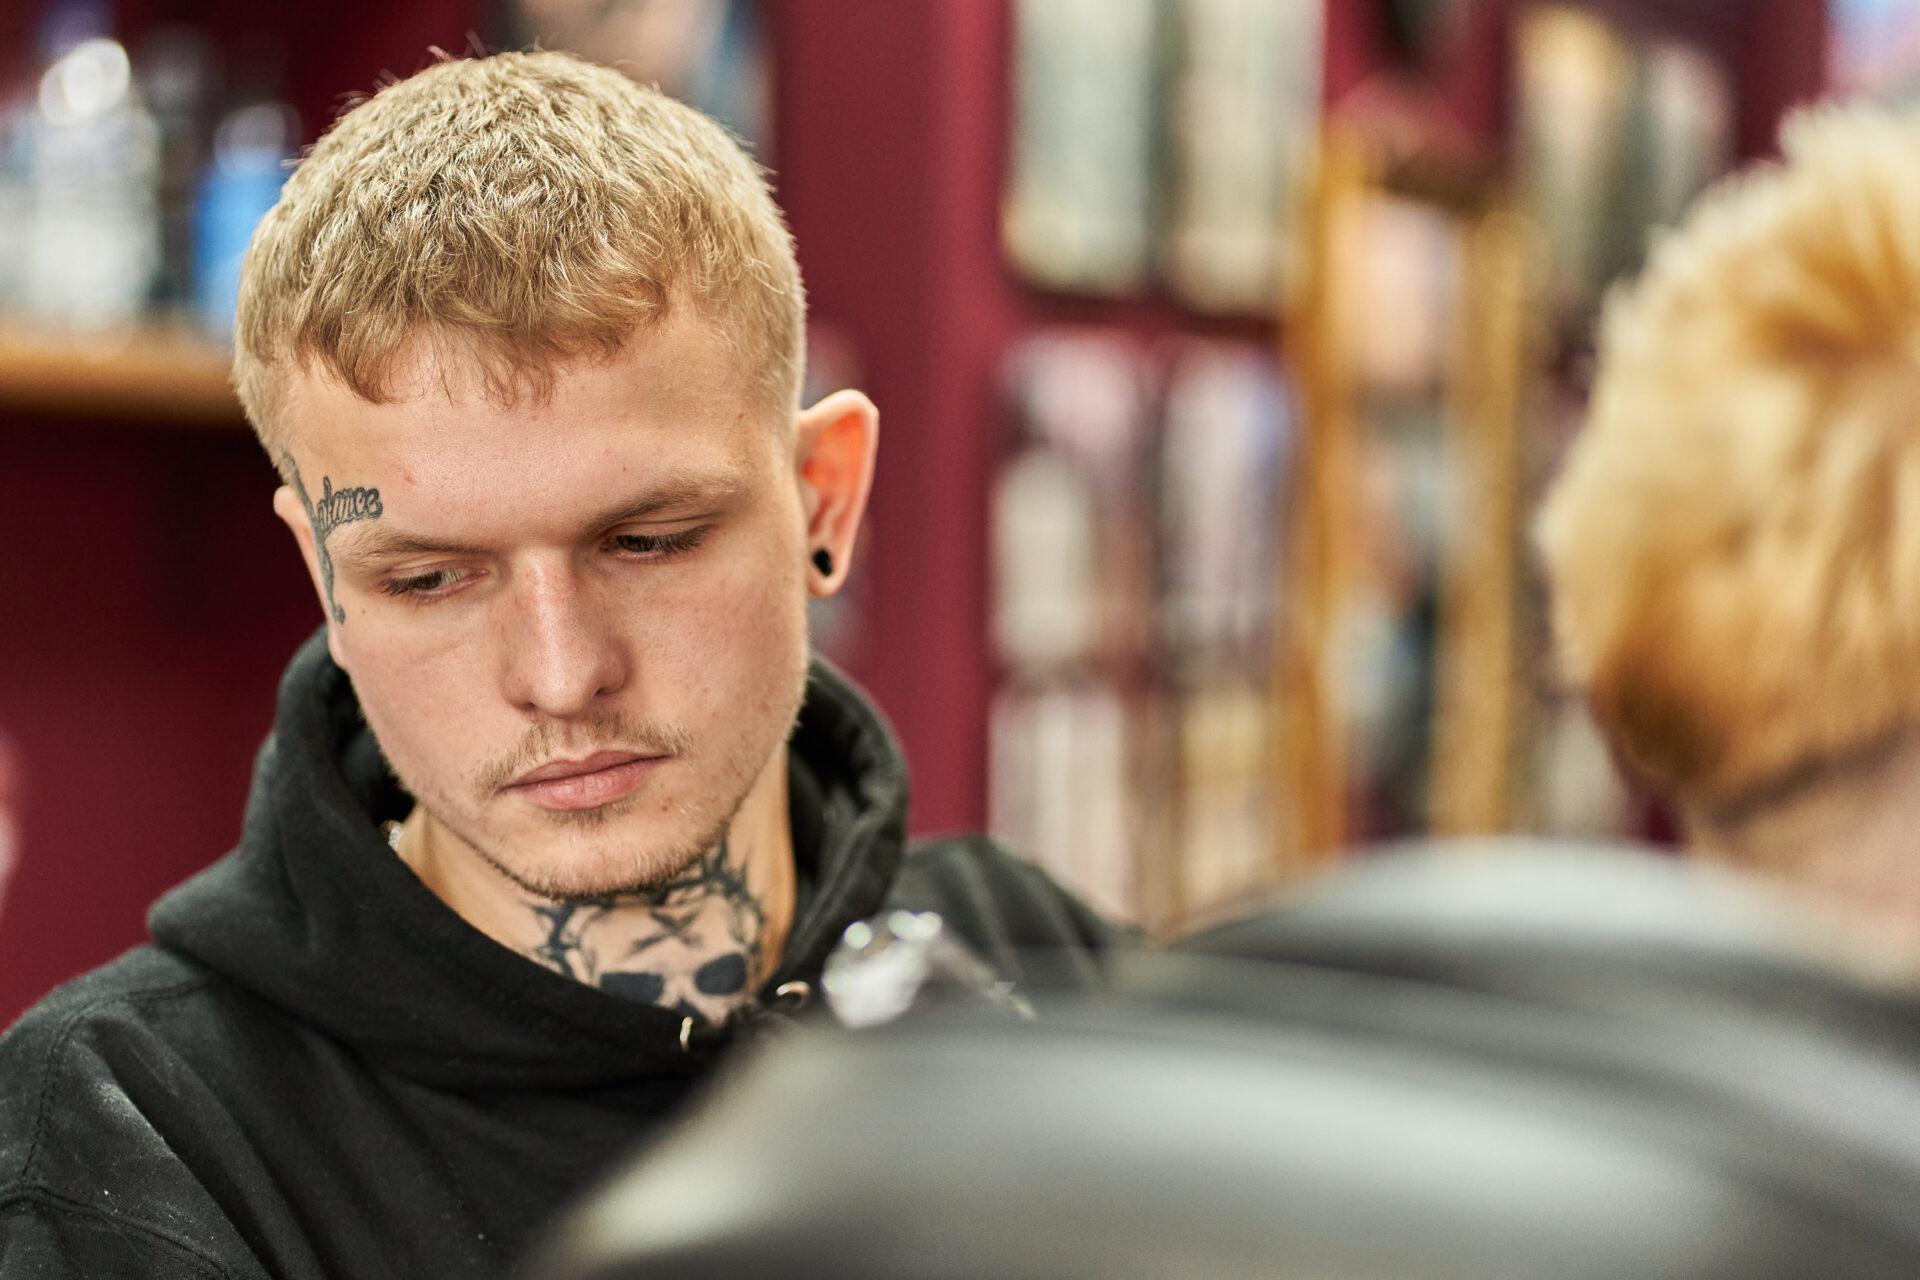 Owen Preat Tattoos Norwich